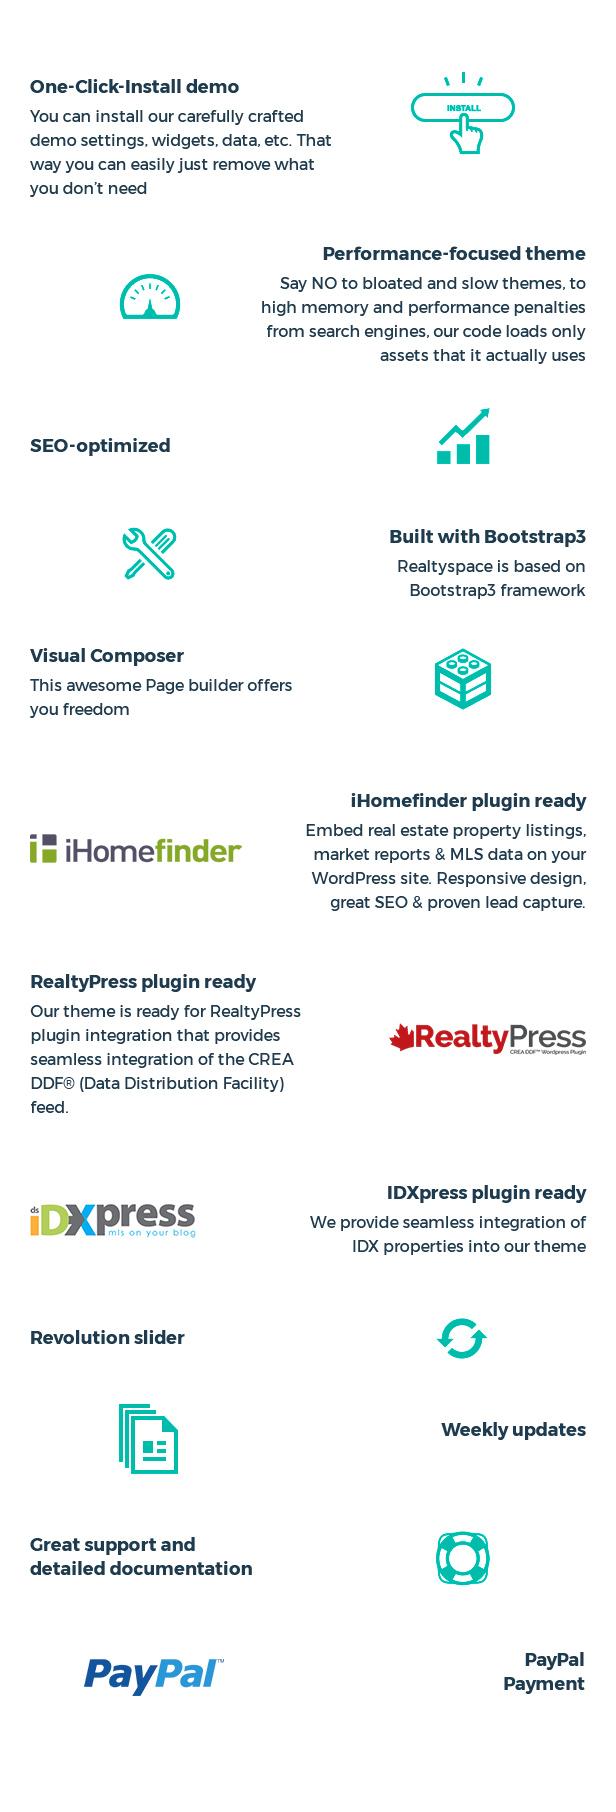 presentation final 016 15 1 - Realtyspace - Real estate WordPress Theme